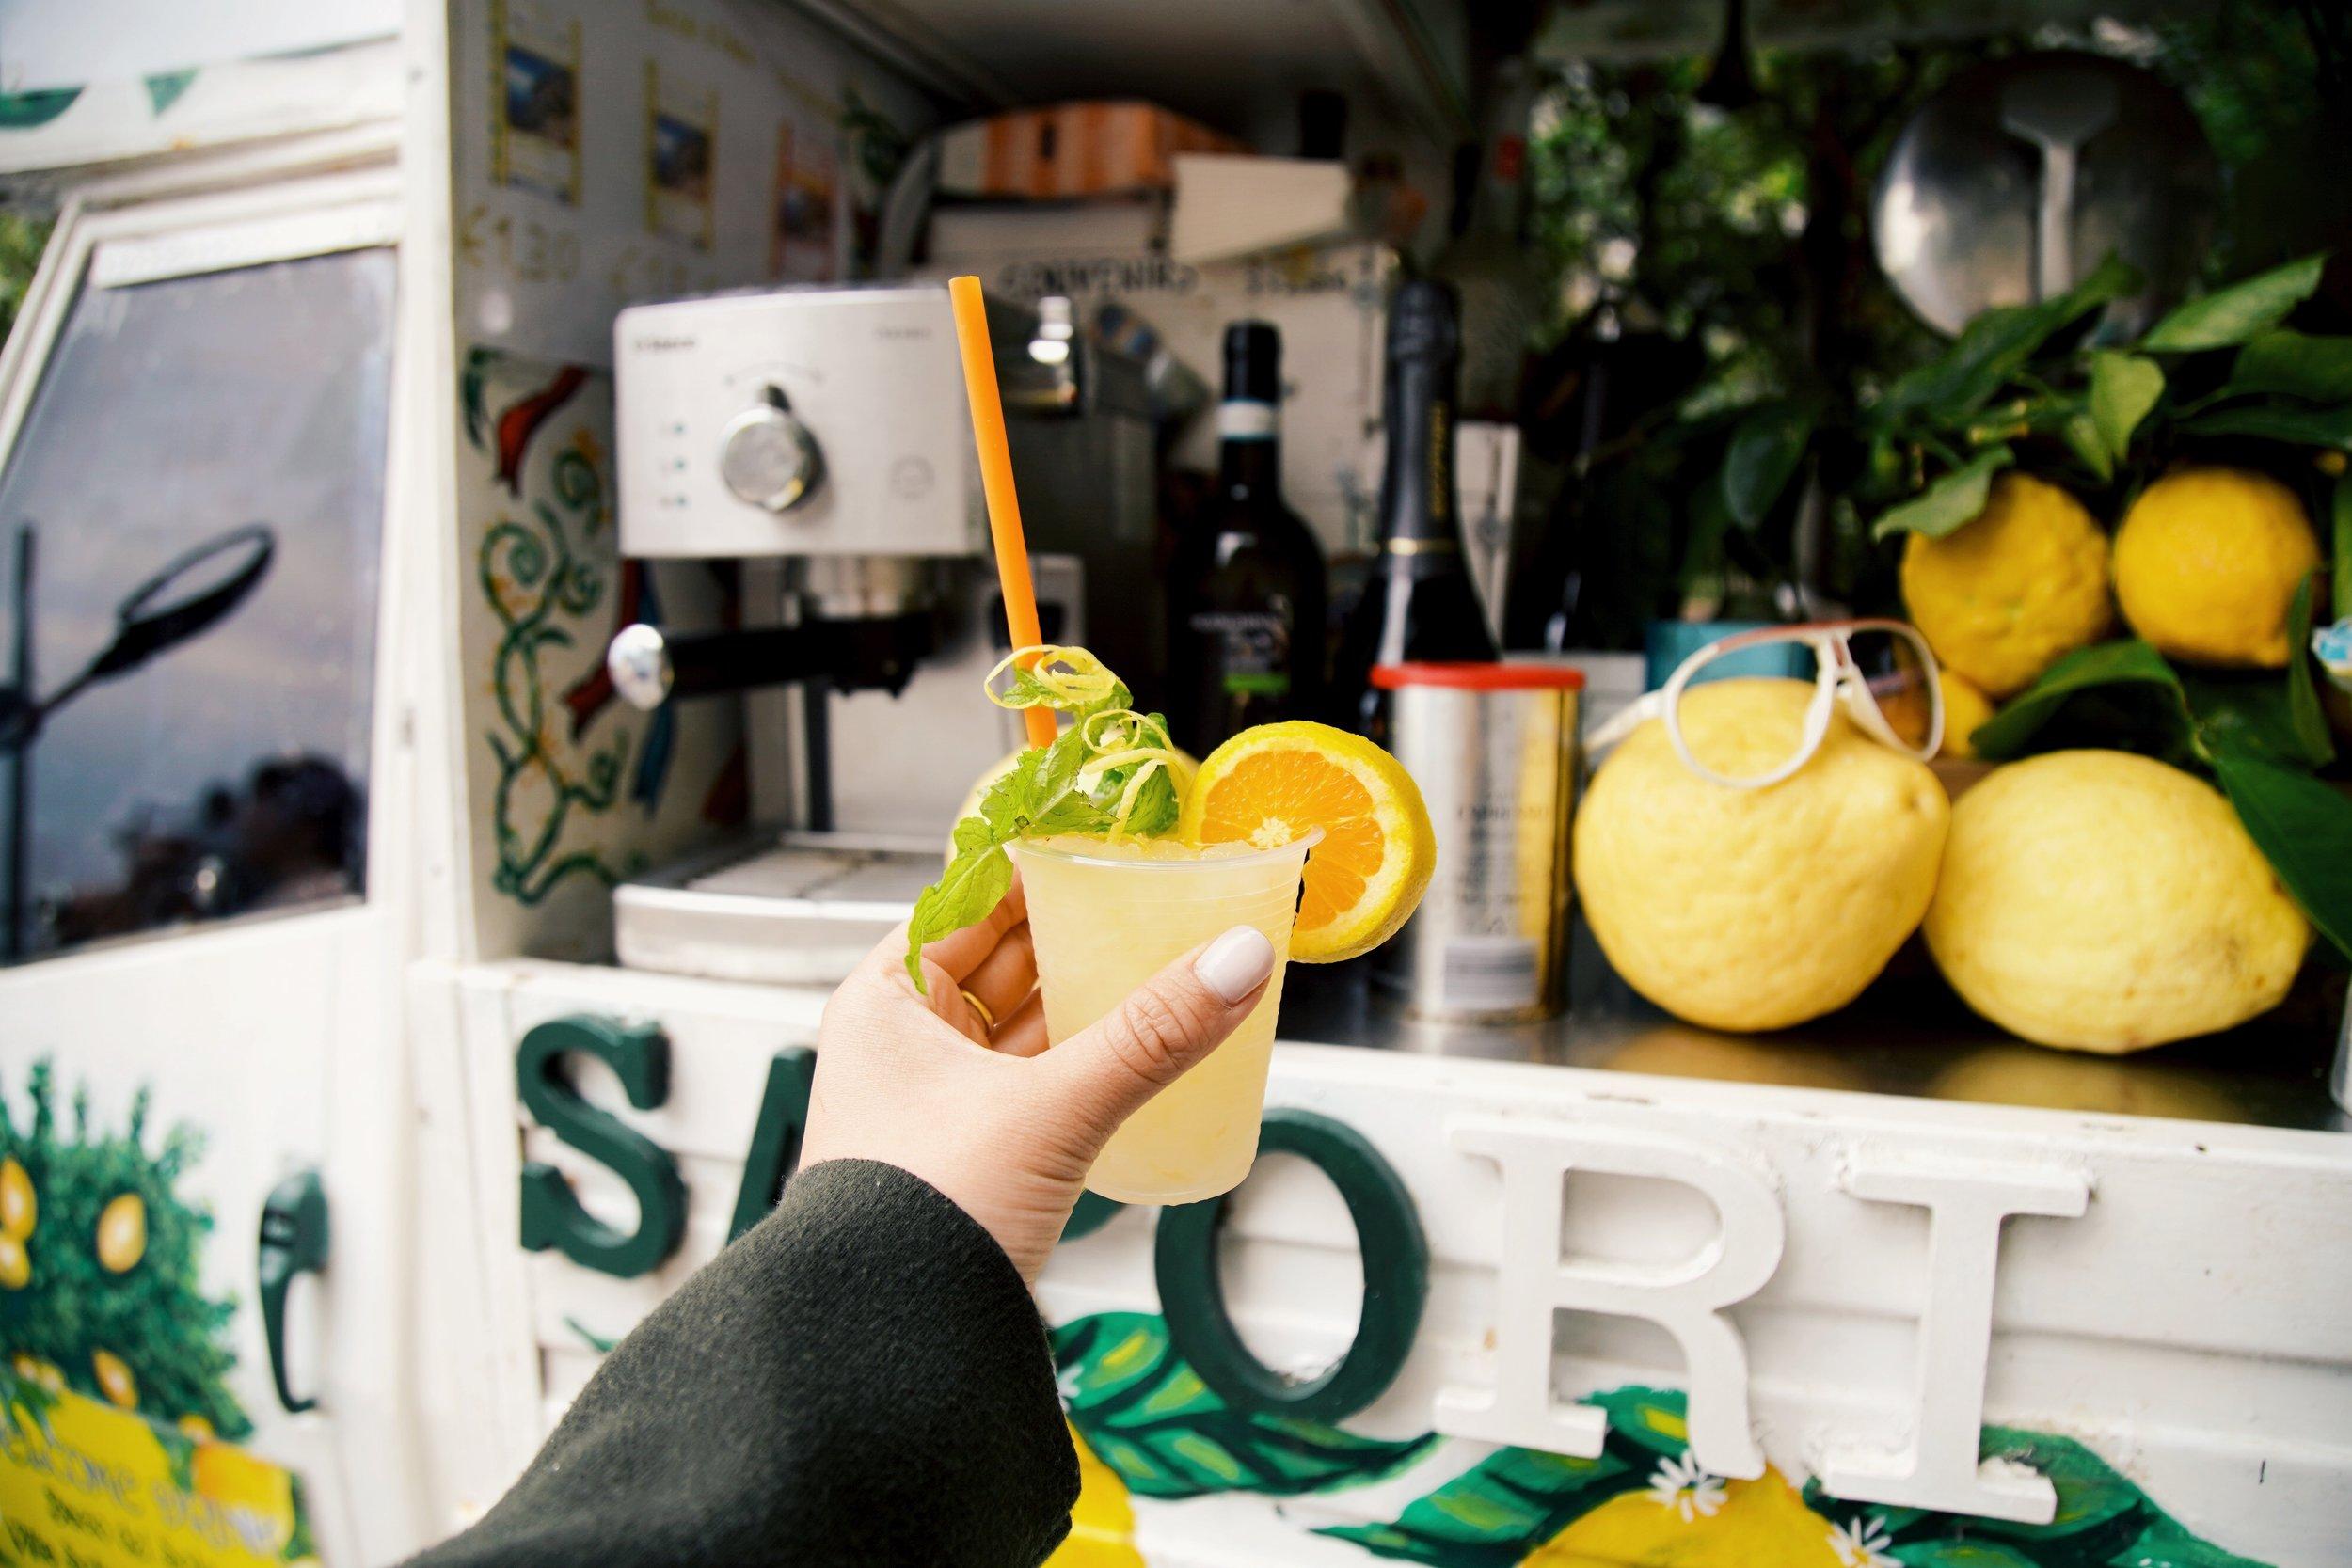 A refreshing freshly made Lemon sorbet